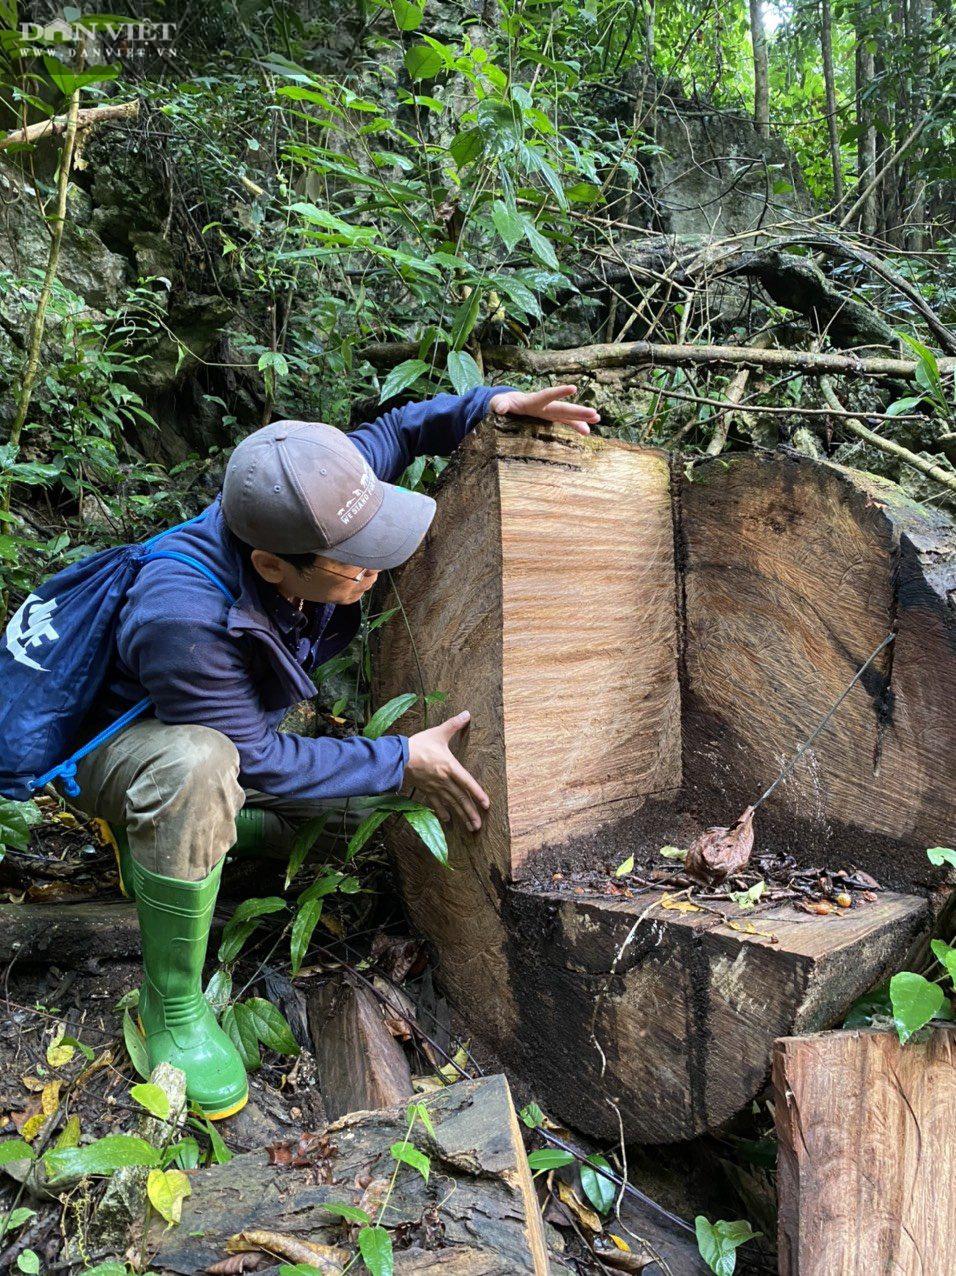 Lời man trá trong các rừng nghiến khổng lồ: Tận mục những cánh rừng tàn sát! - Ảnh 2.